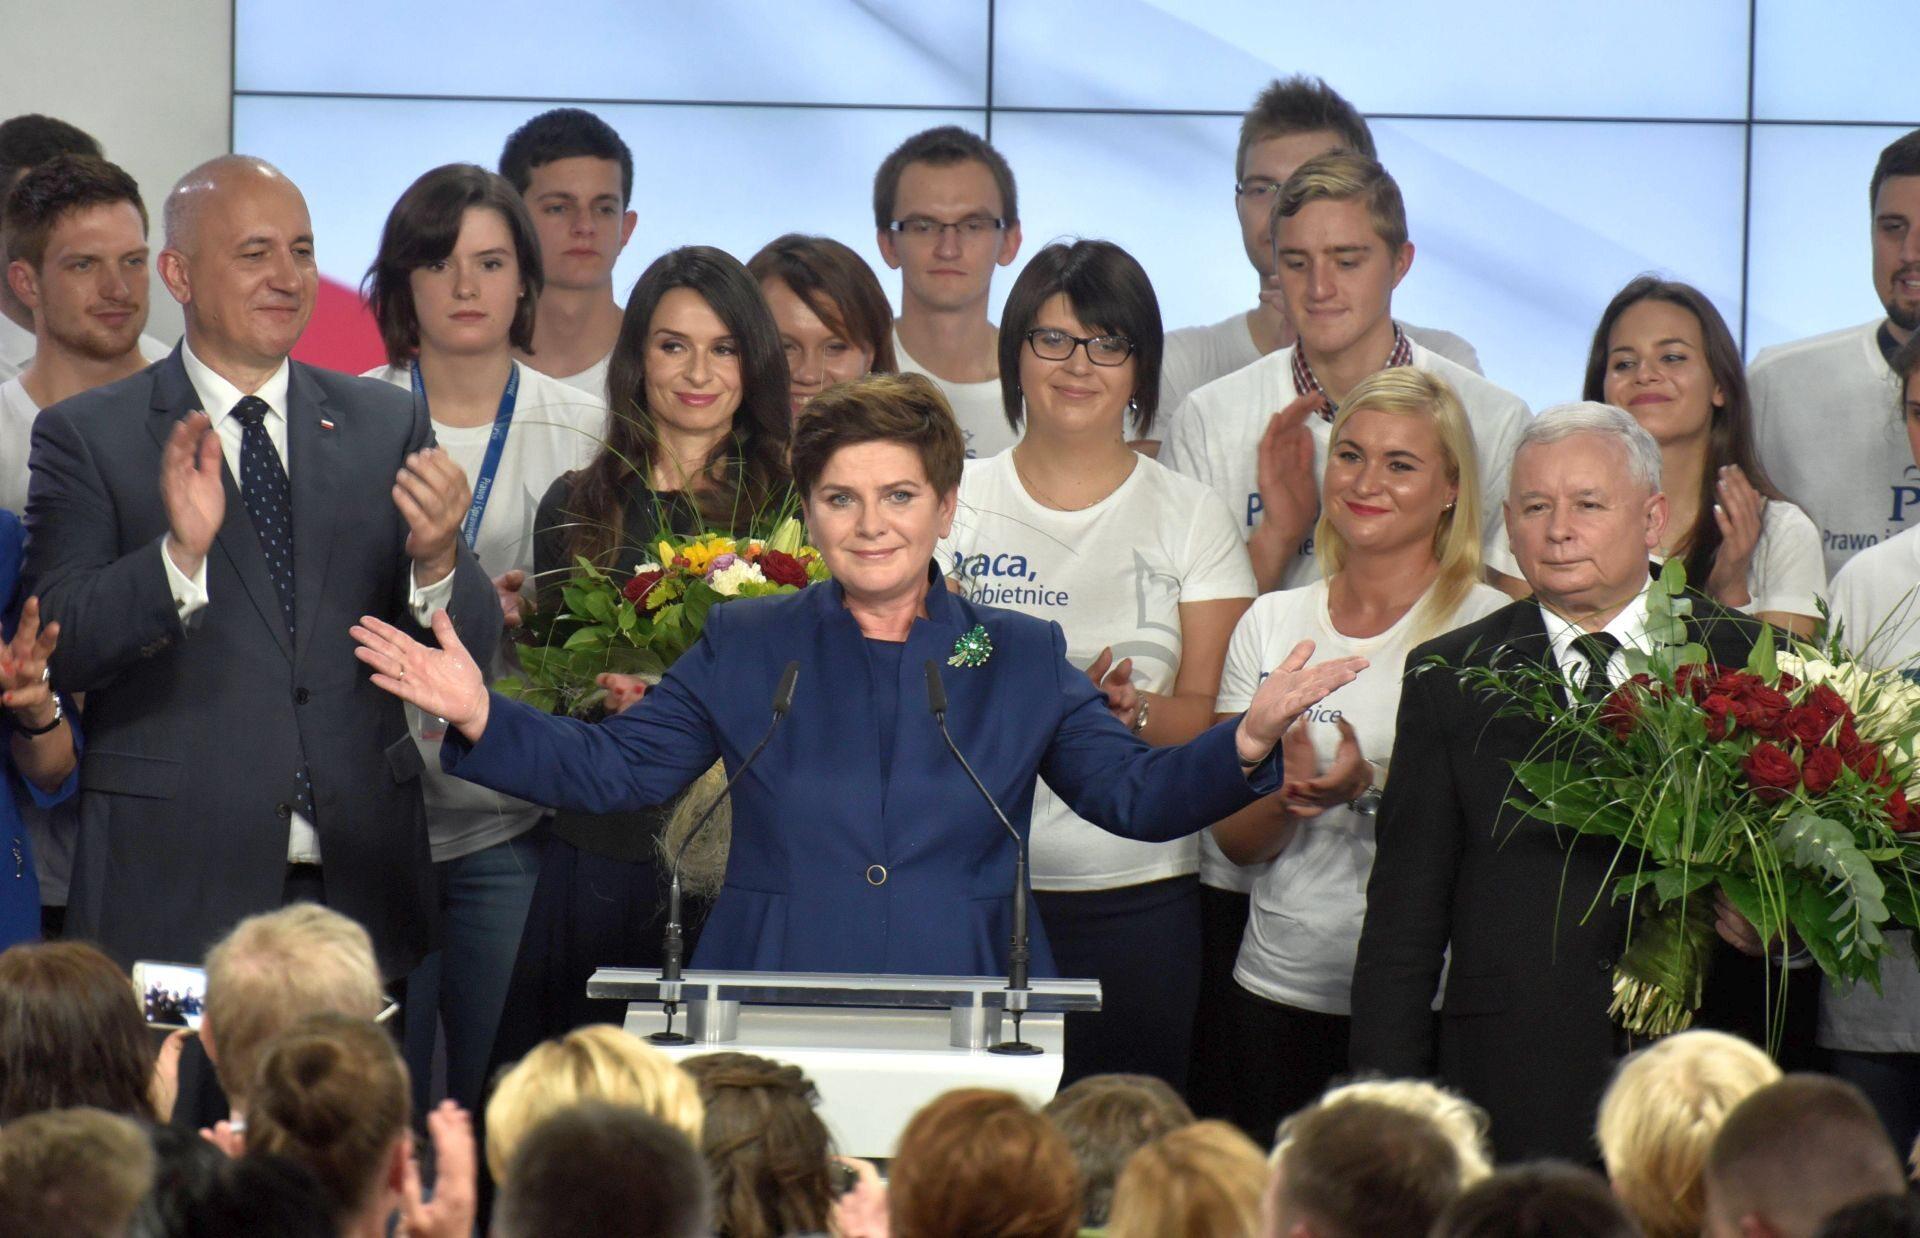 Sztab PiS po wygranych wyborach parlamentarnych w 2015 roku